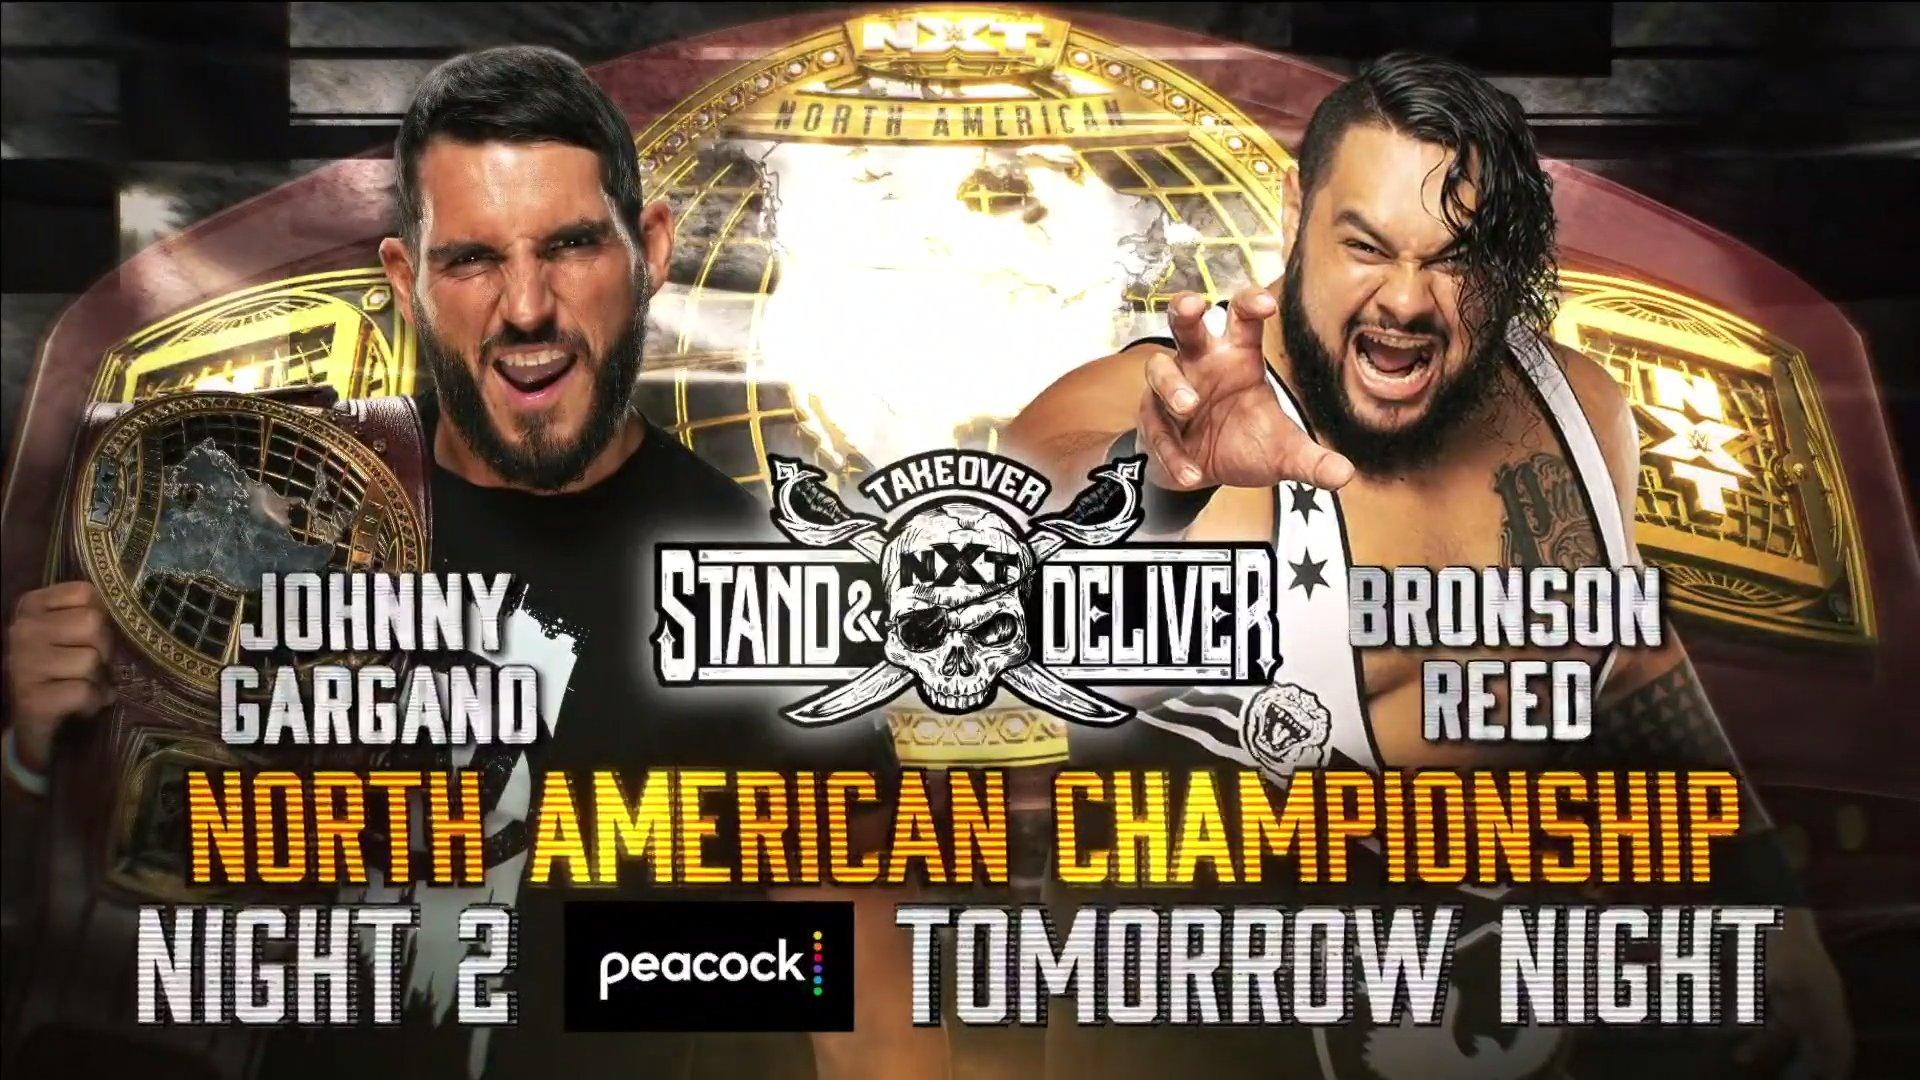 Para el NXT TakeOver de mañana.